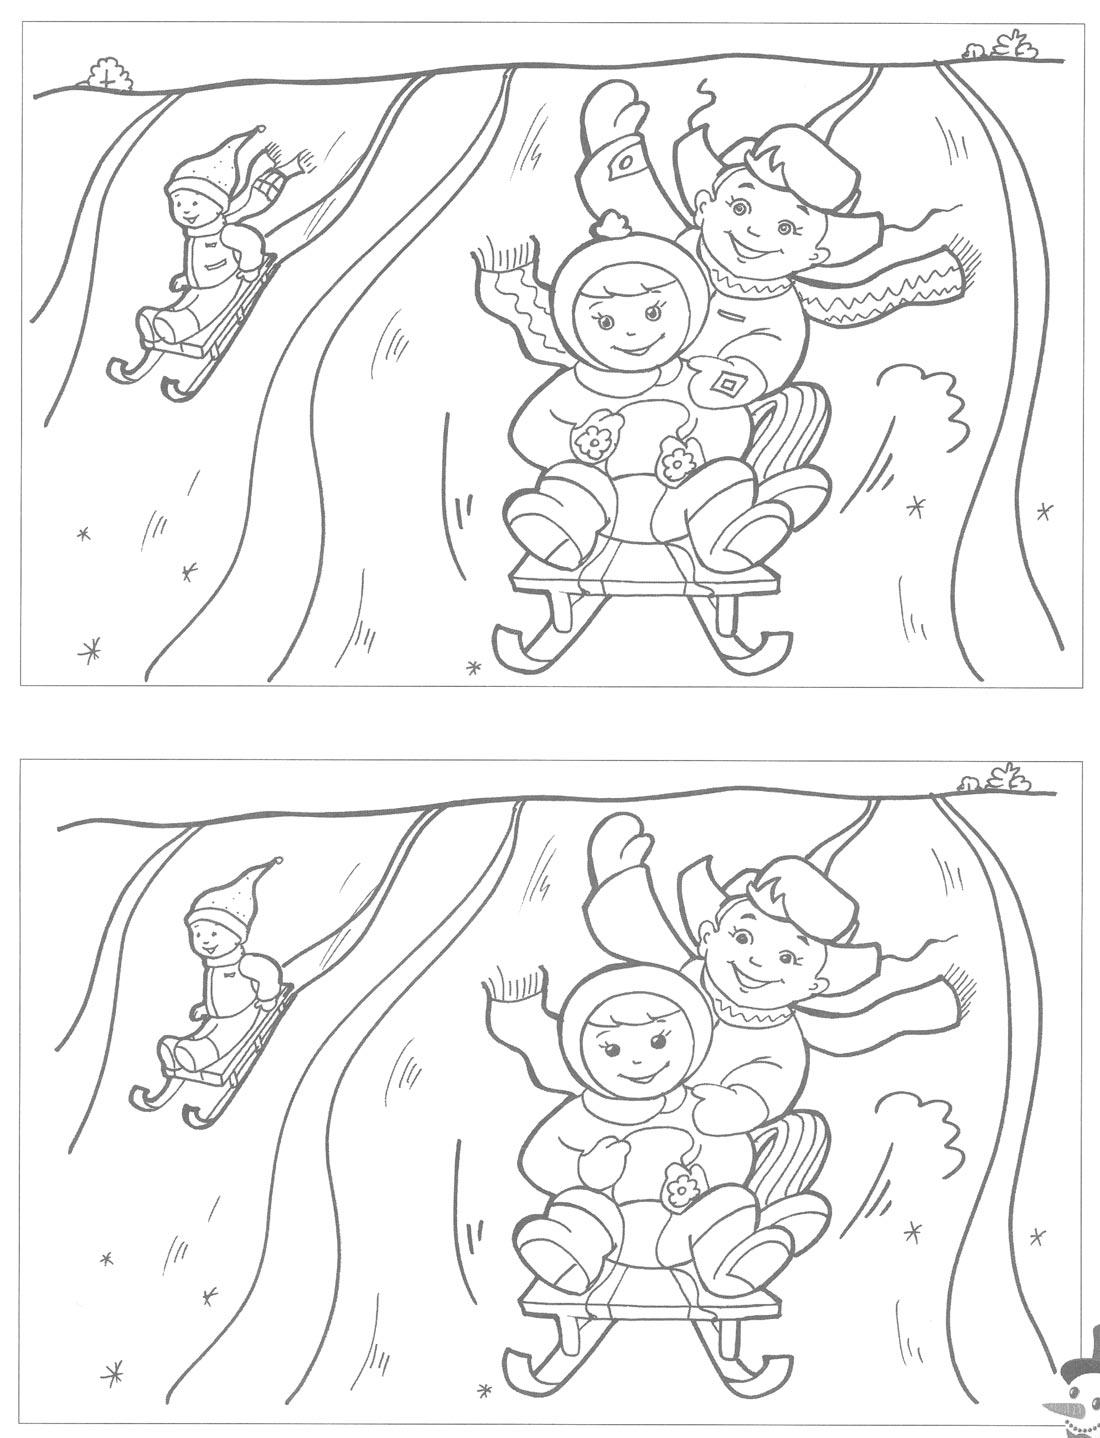 Зимние забавы, дорисуй недостающее Раскраски про зиму для детей